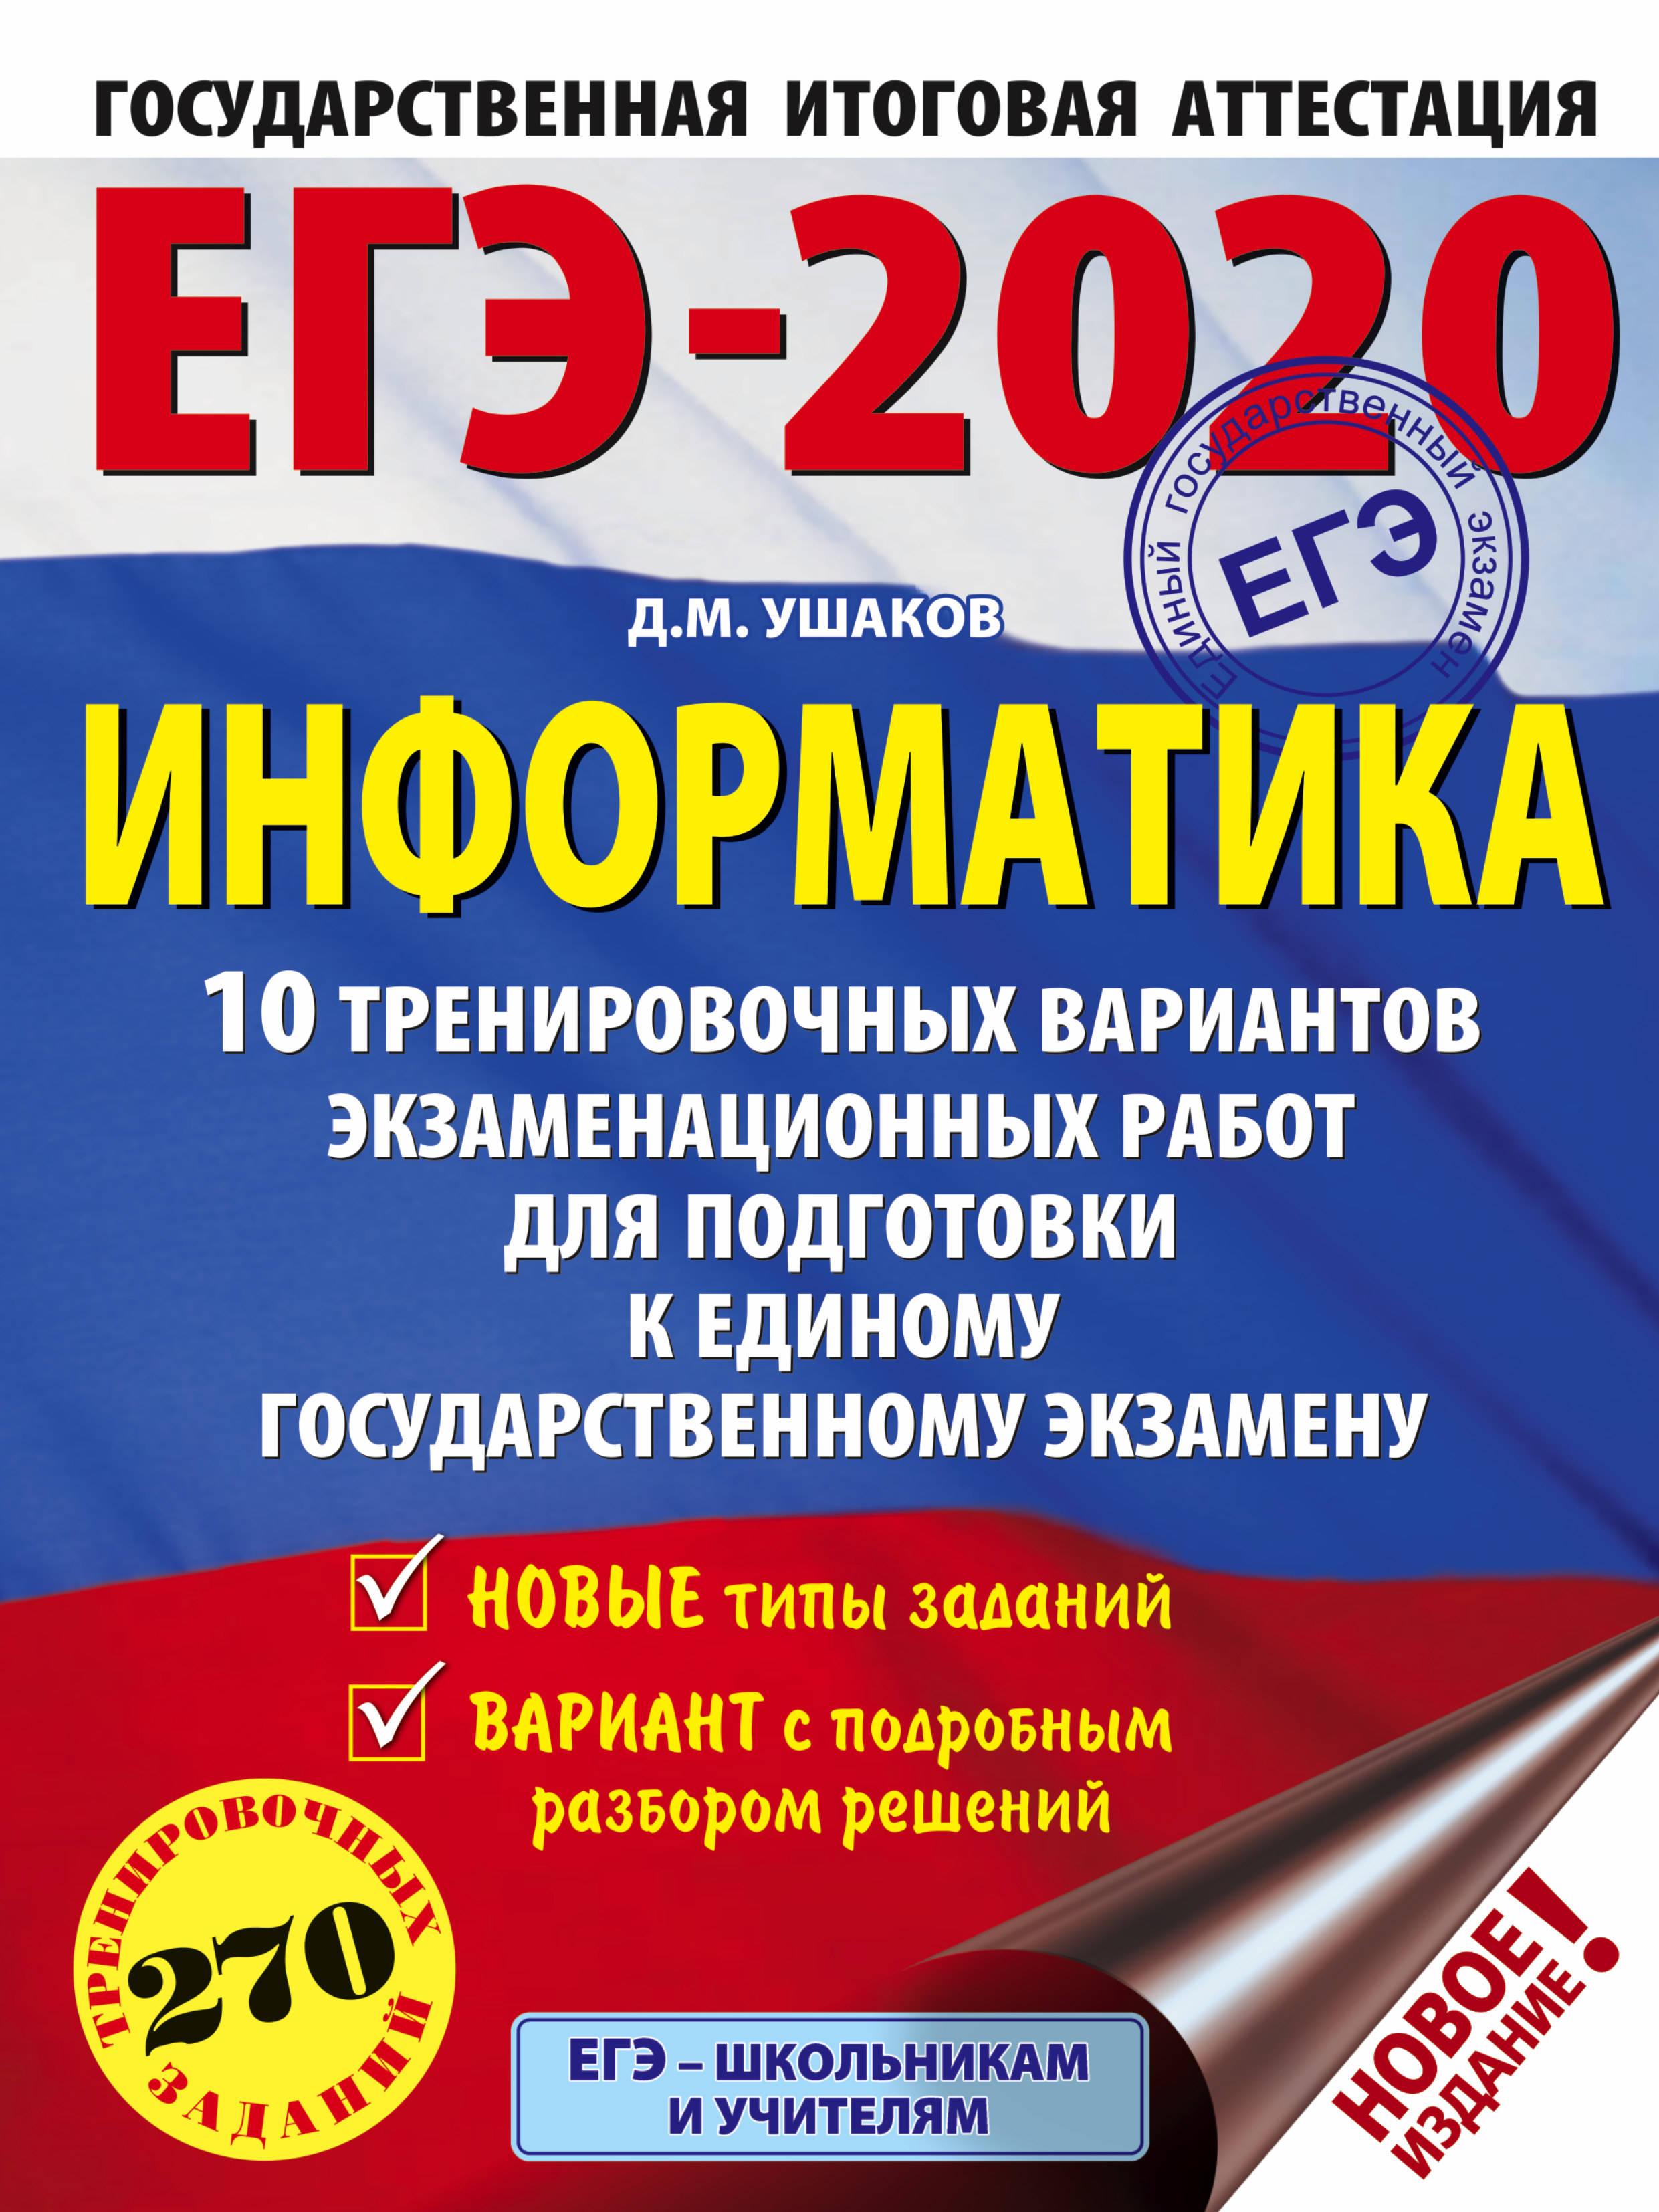 ЕГЭ-2020. Информатика (60х84/8) 10 тренировочных вариантов экзаменационных работ для подготовки к единому государственному экзамену